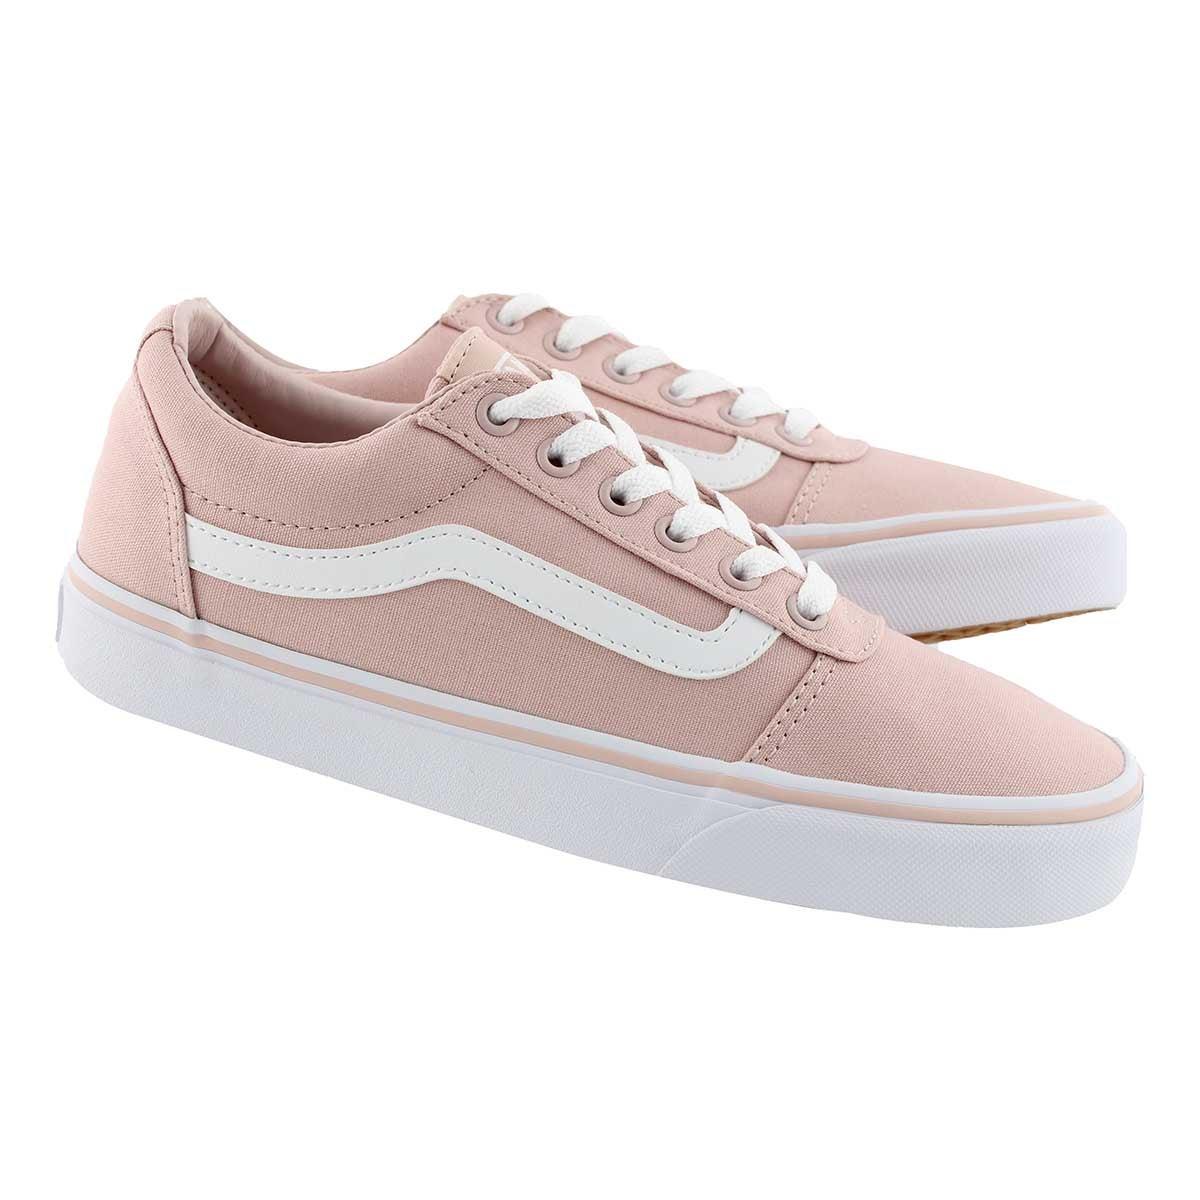 Women's Ward Sneaker - Sepia Rose